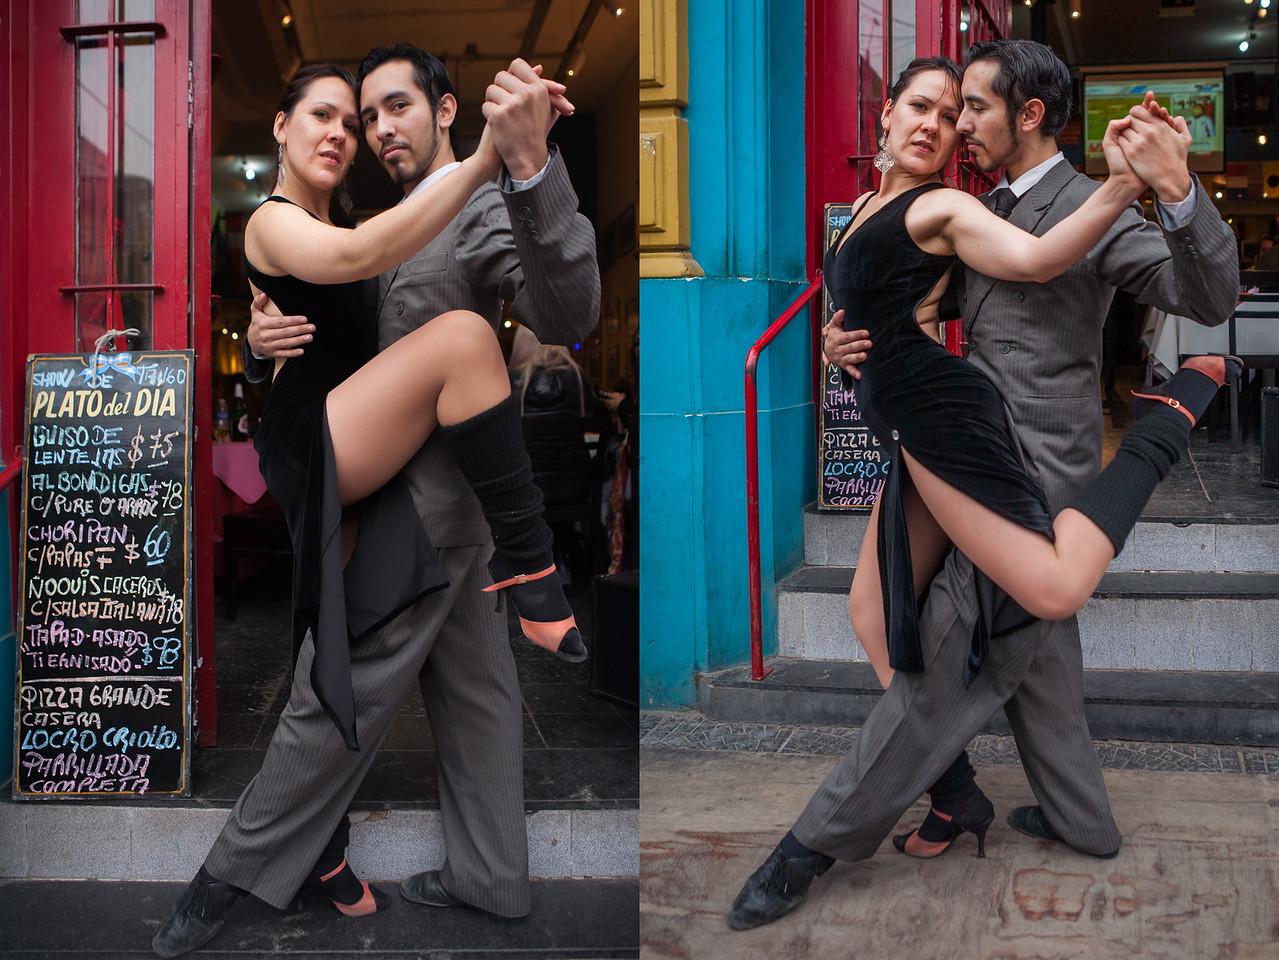 Tango dancers at La Boca, Buenos Aires, Argentina